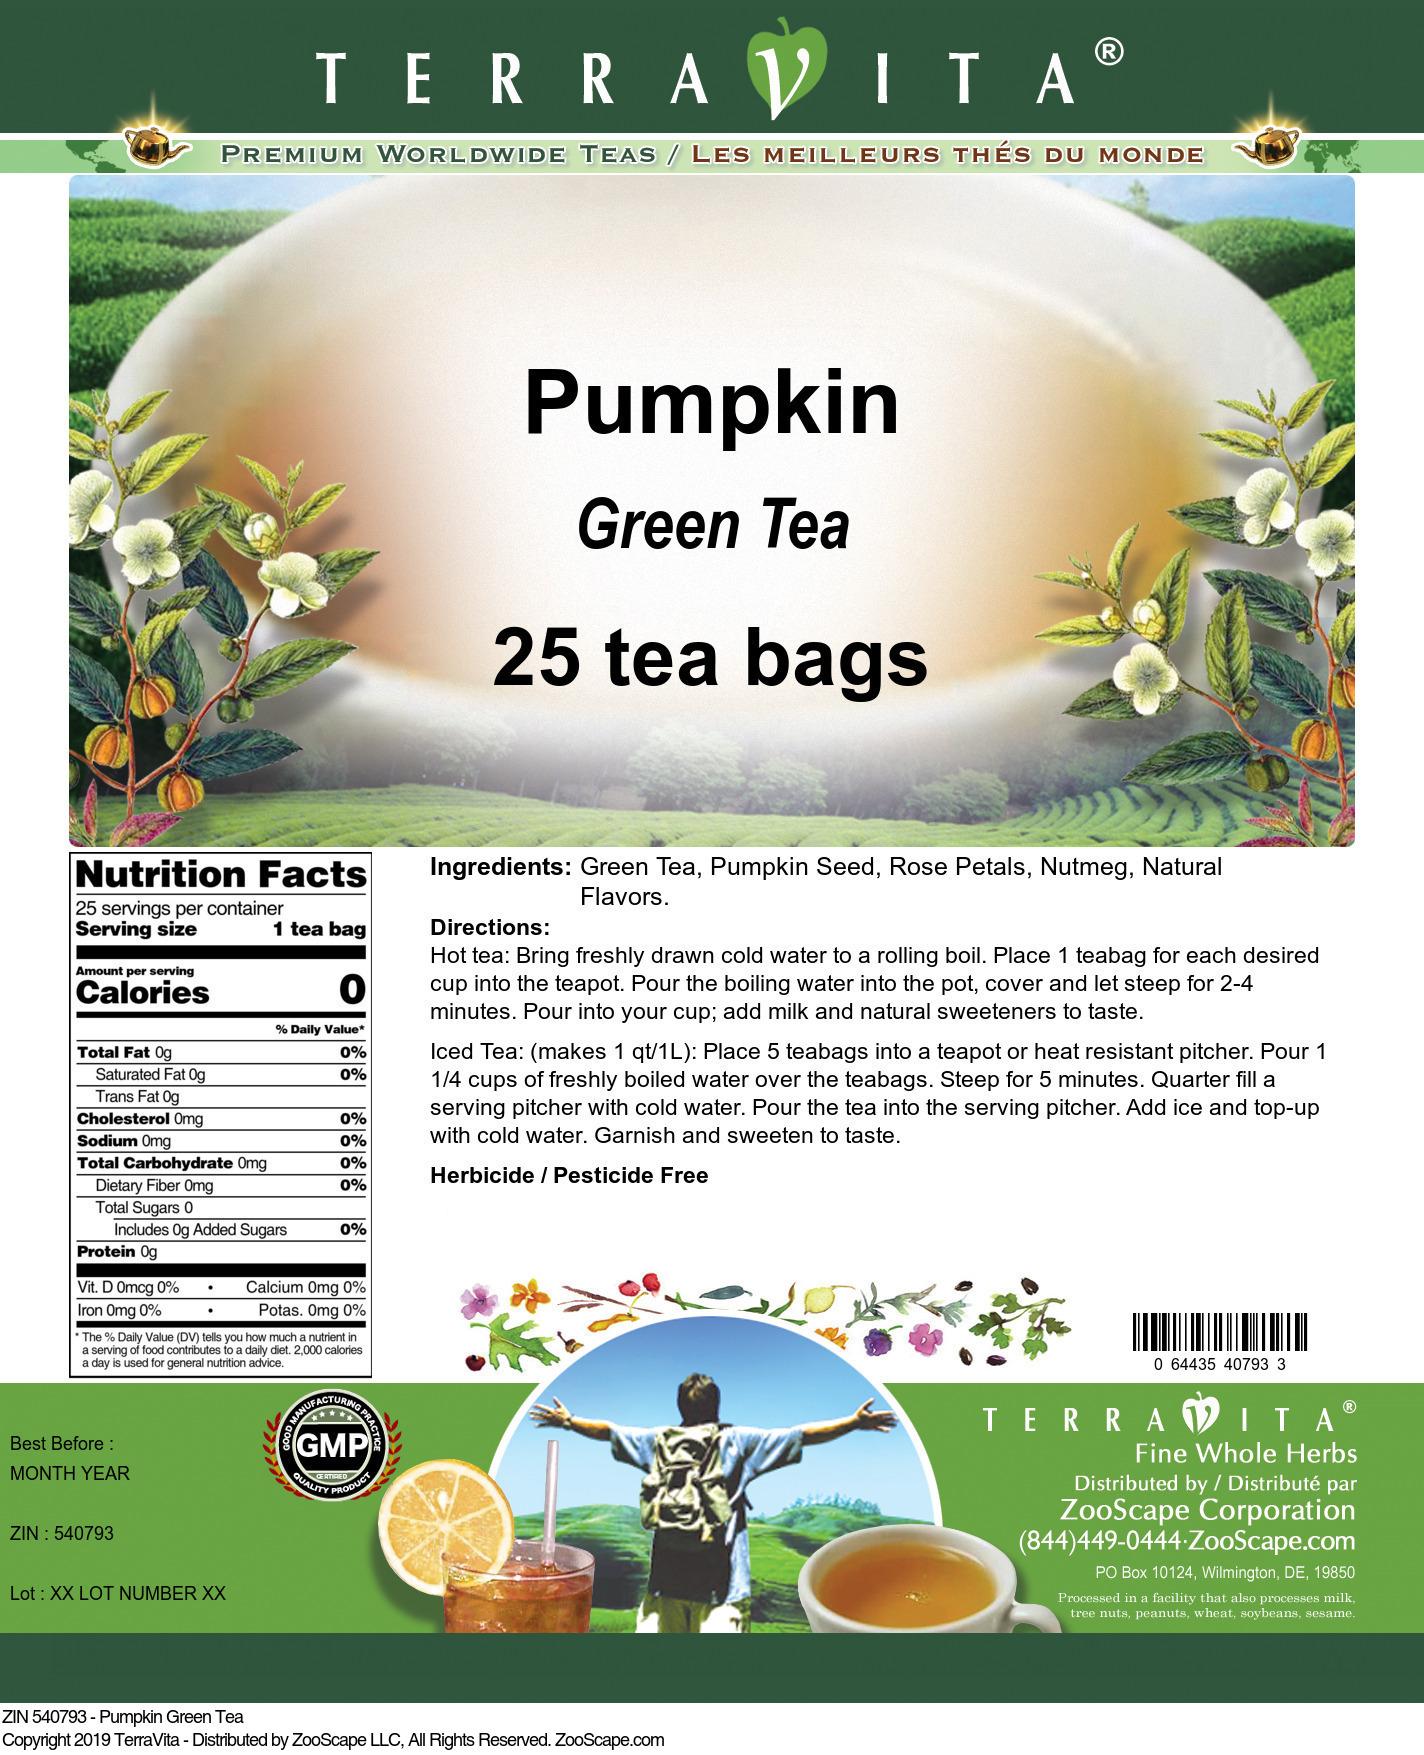 Pumpkin Green Tea